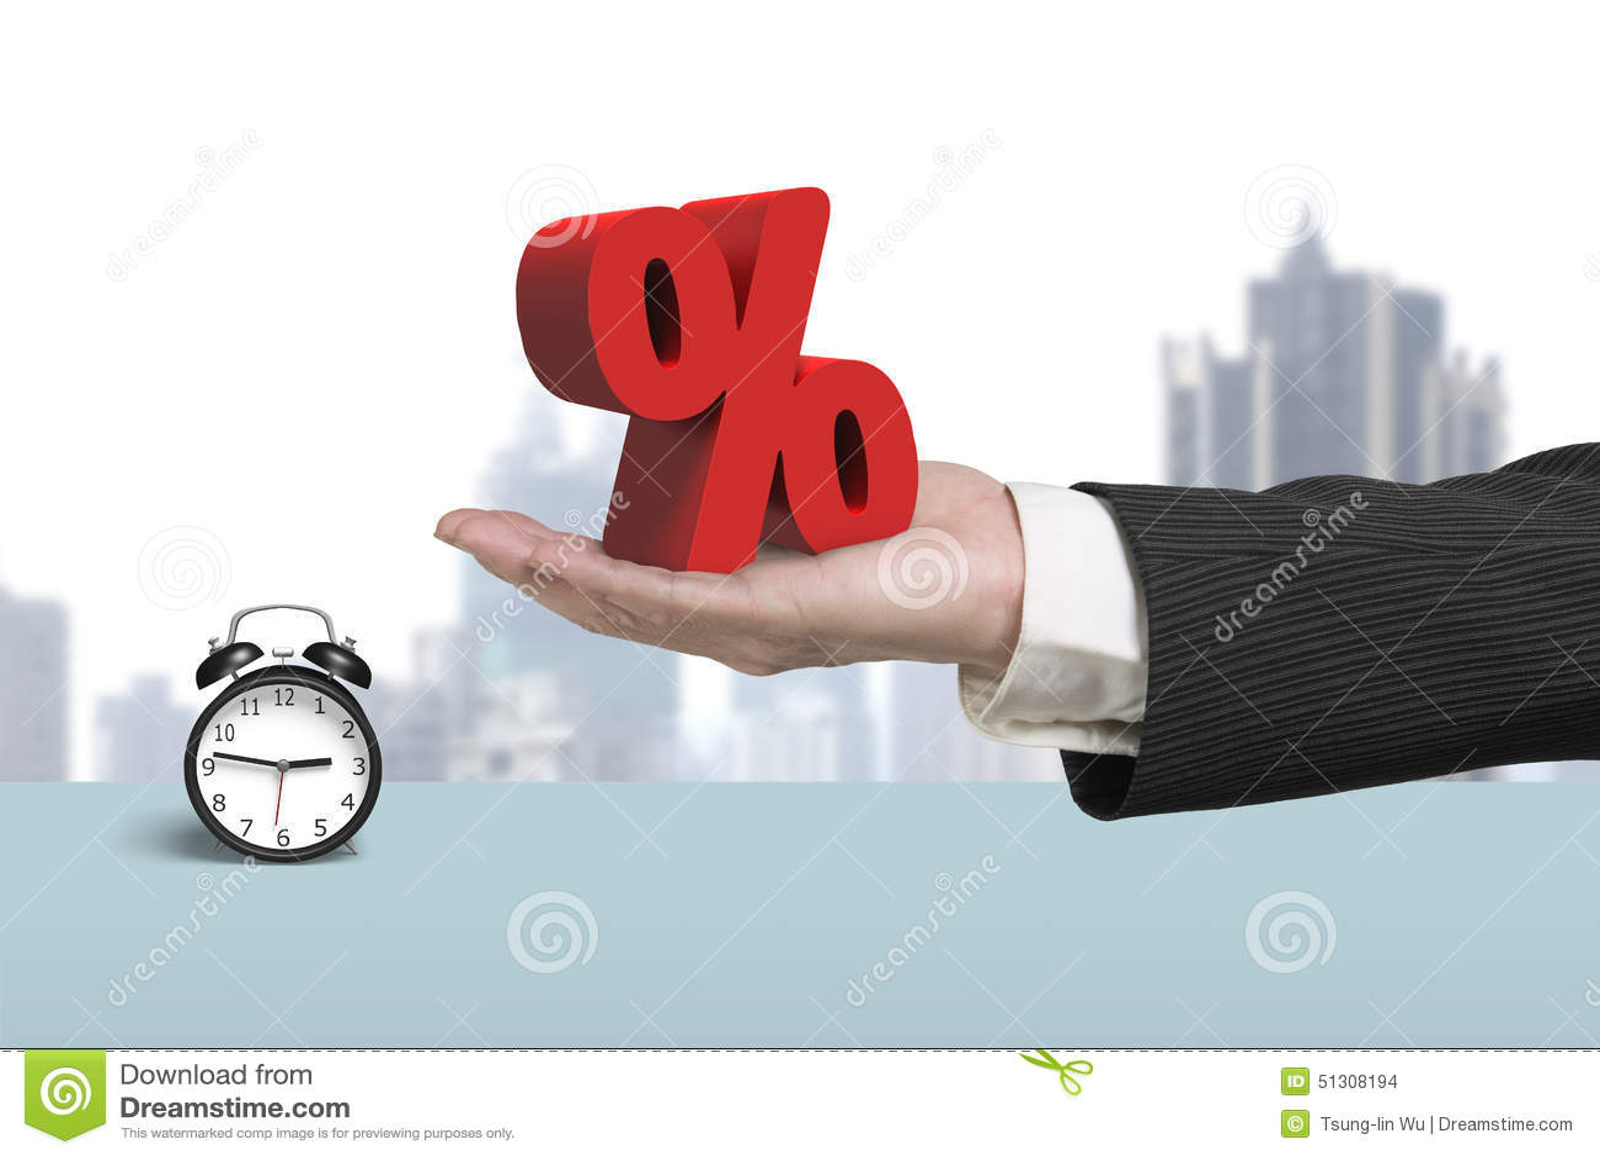 проценты по взаимозависимым договорам займа